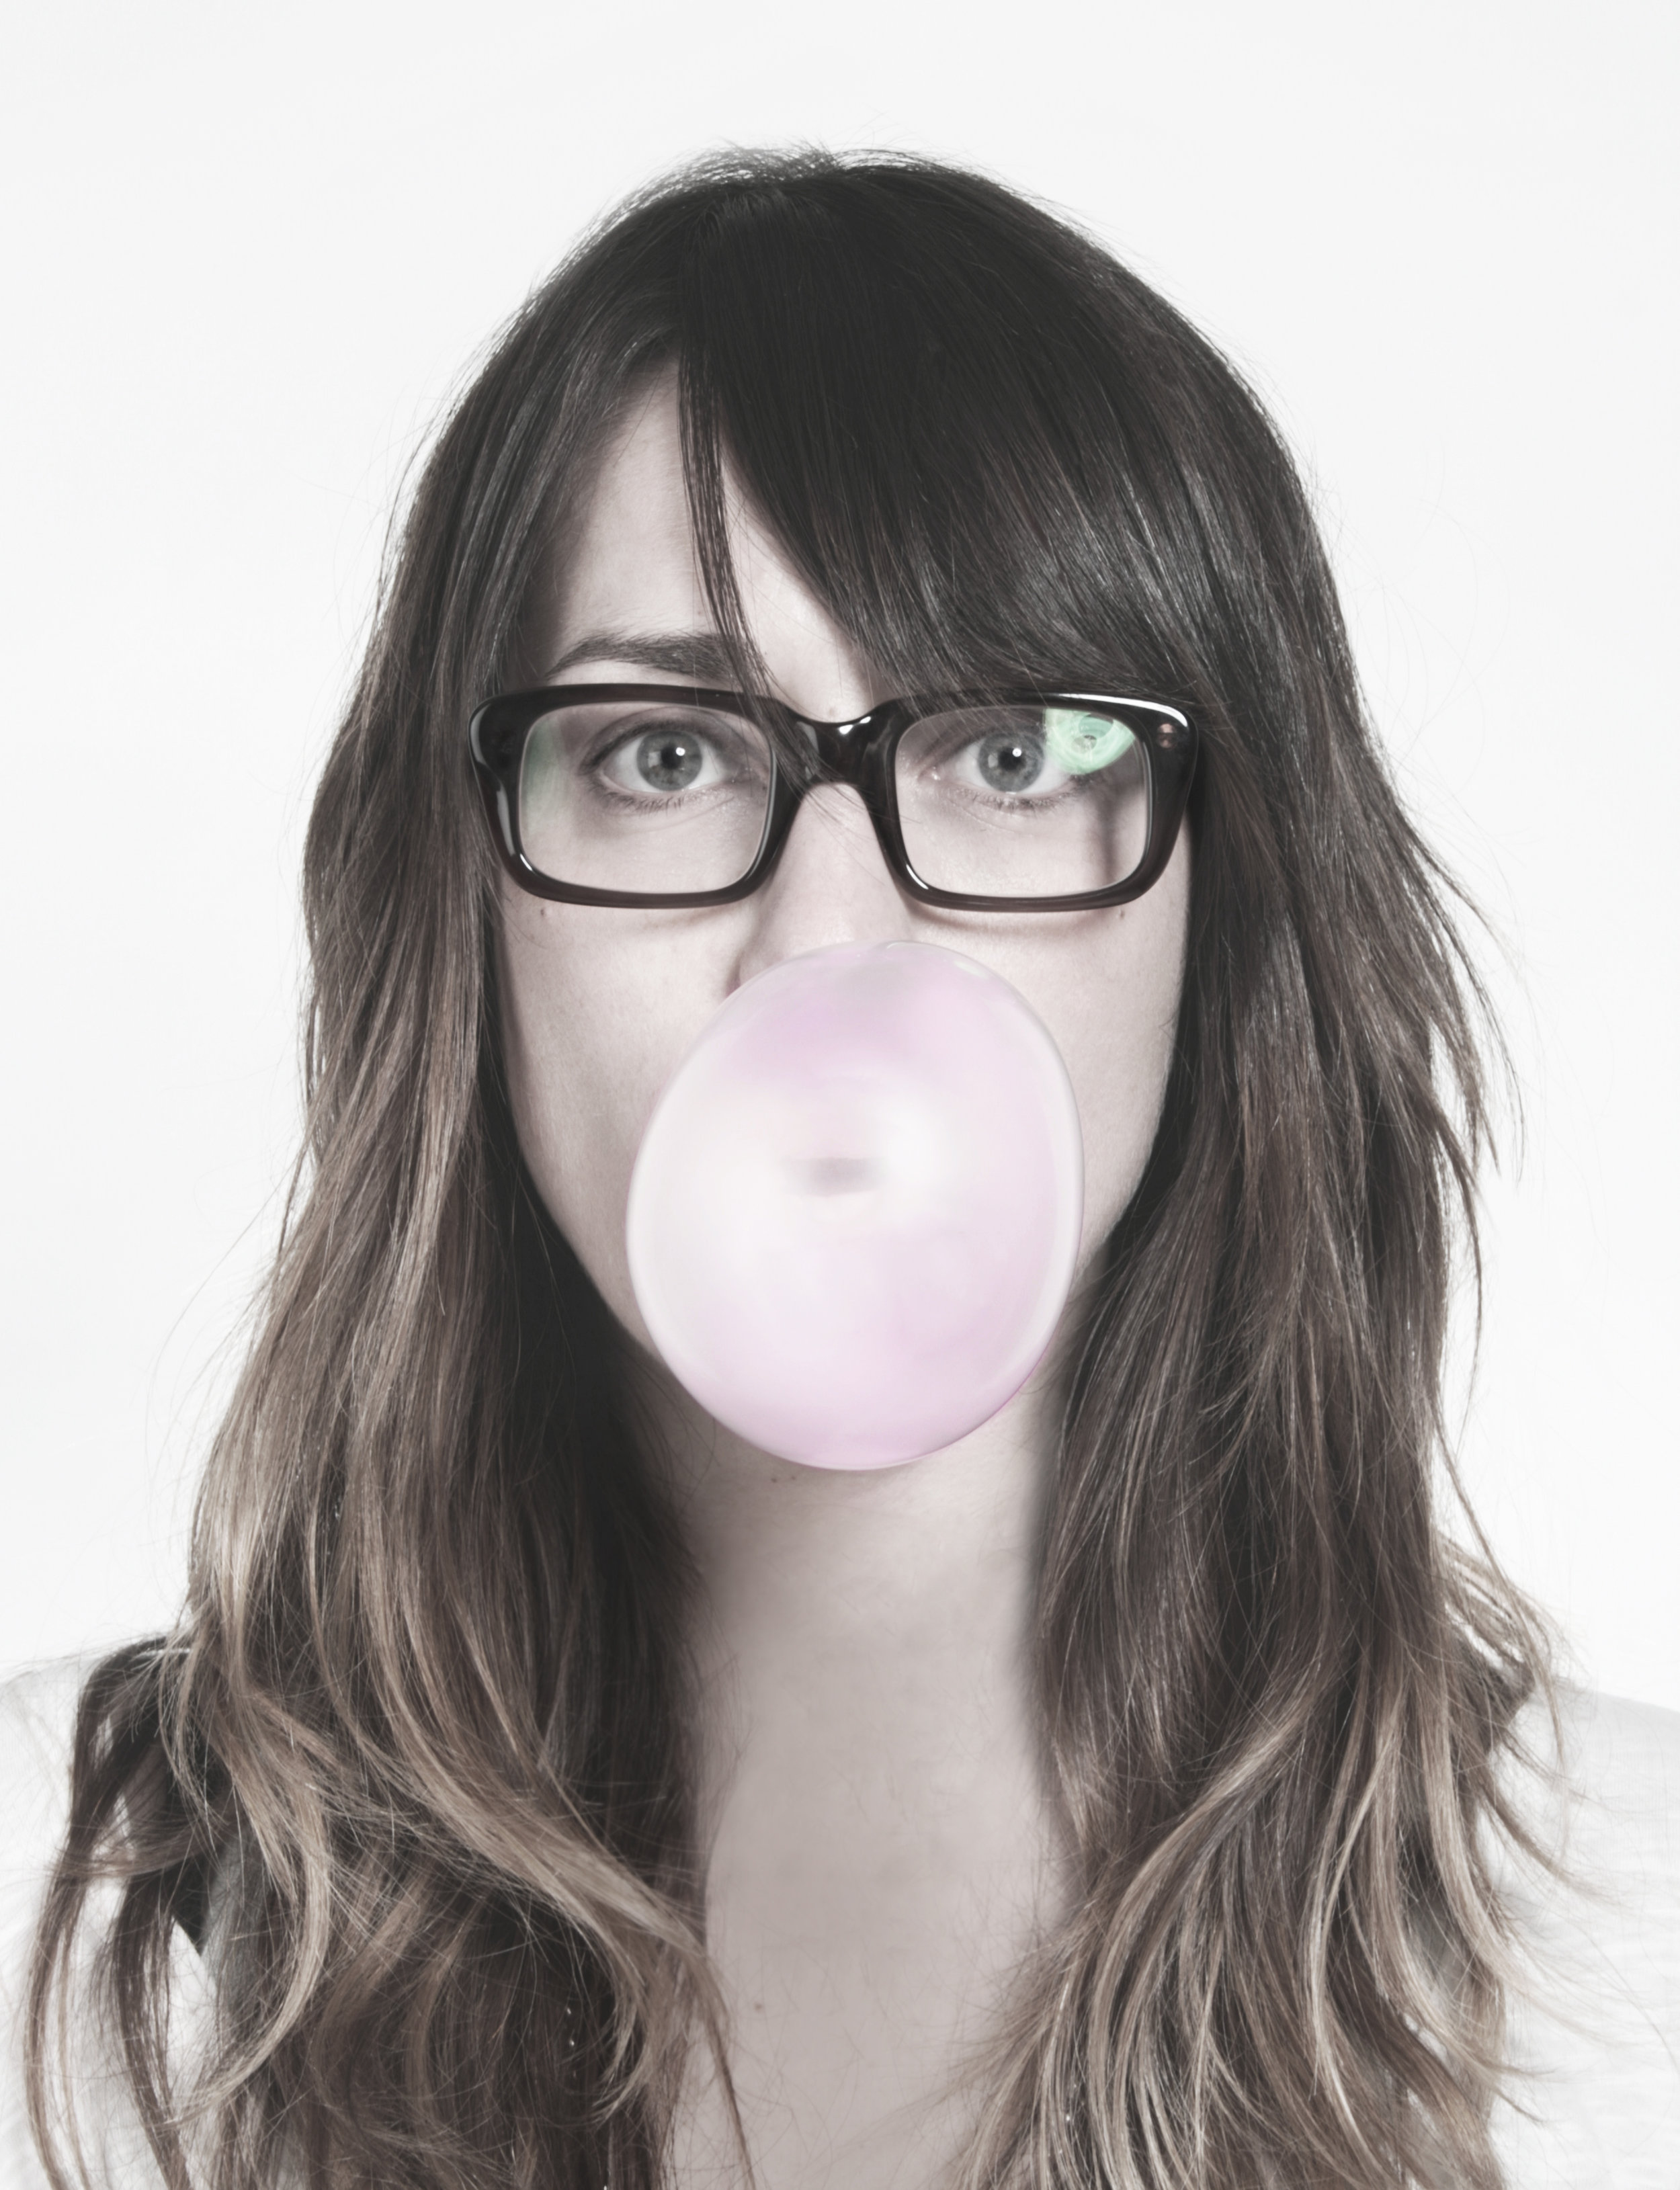 bubble gum2 copy 5.jpg